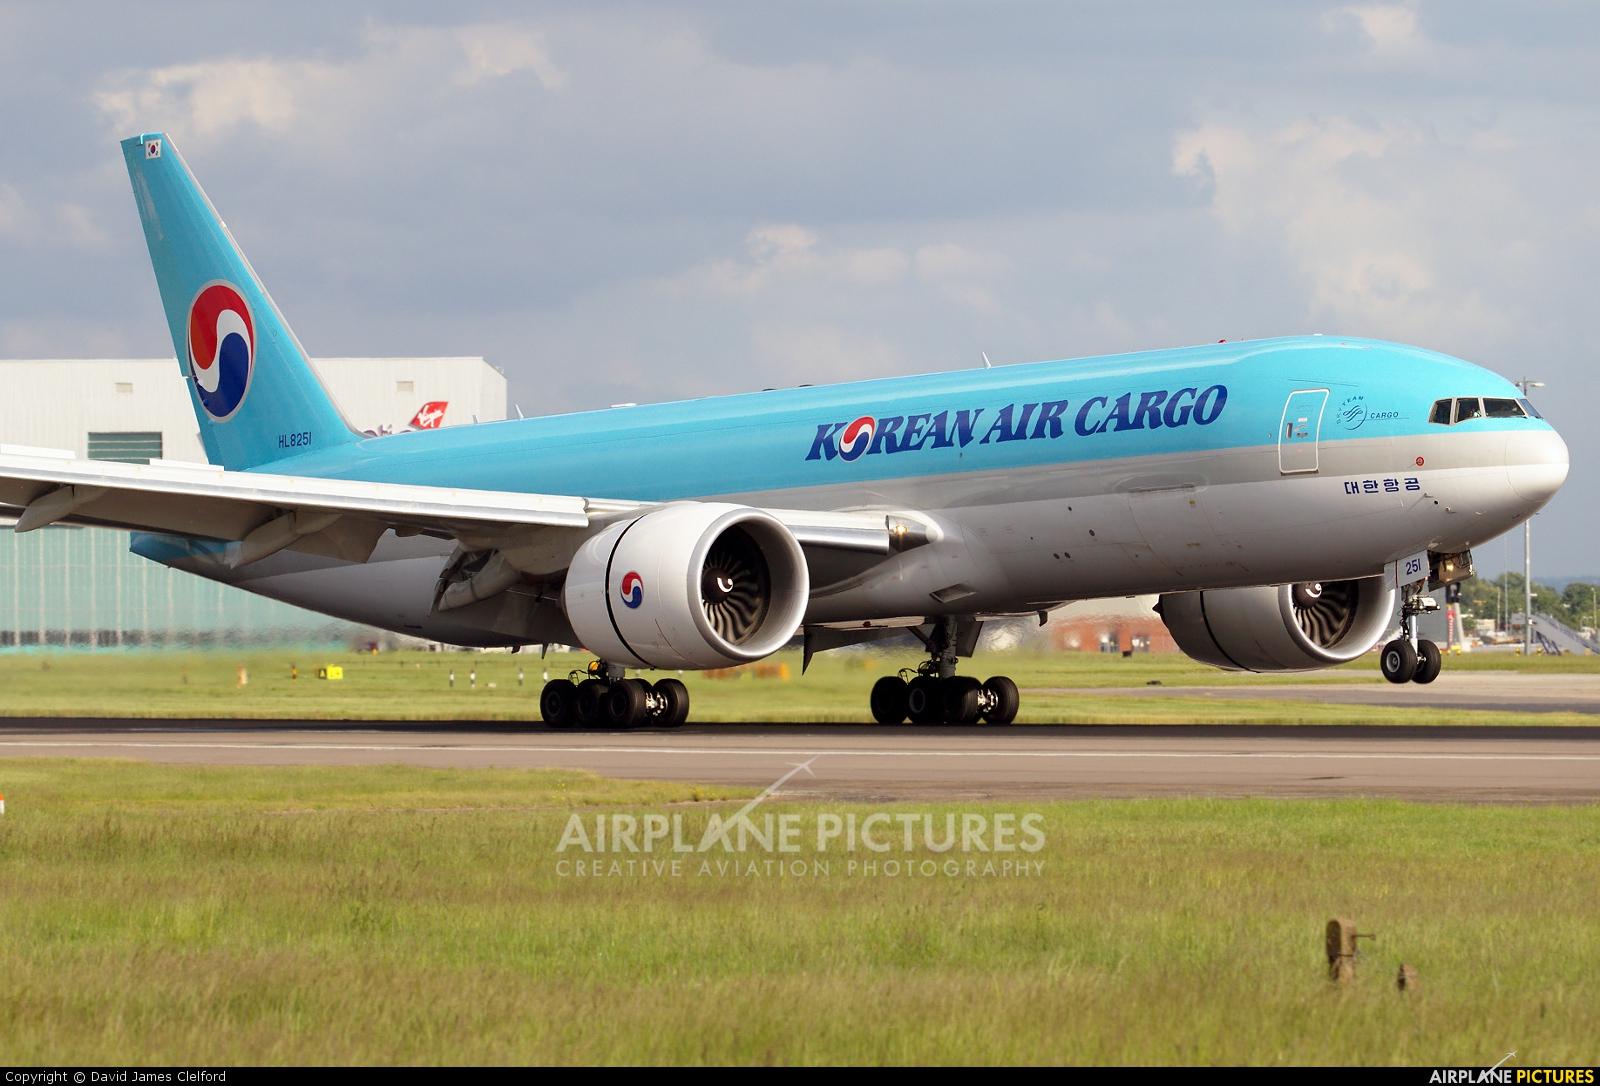 Korean Air Cargo HL8251 aircraft at London - Heathrow